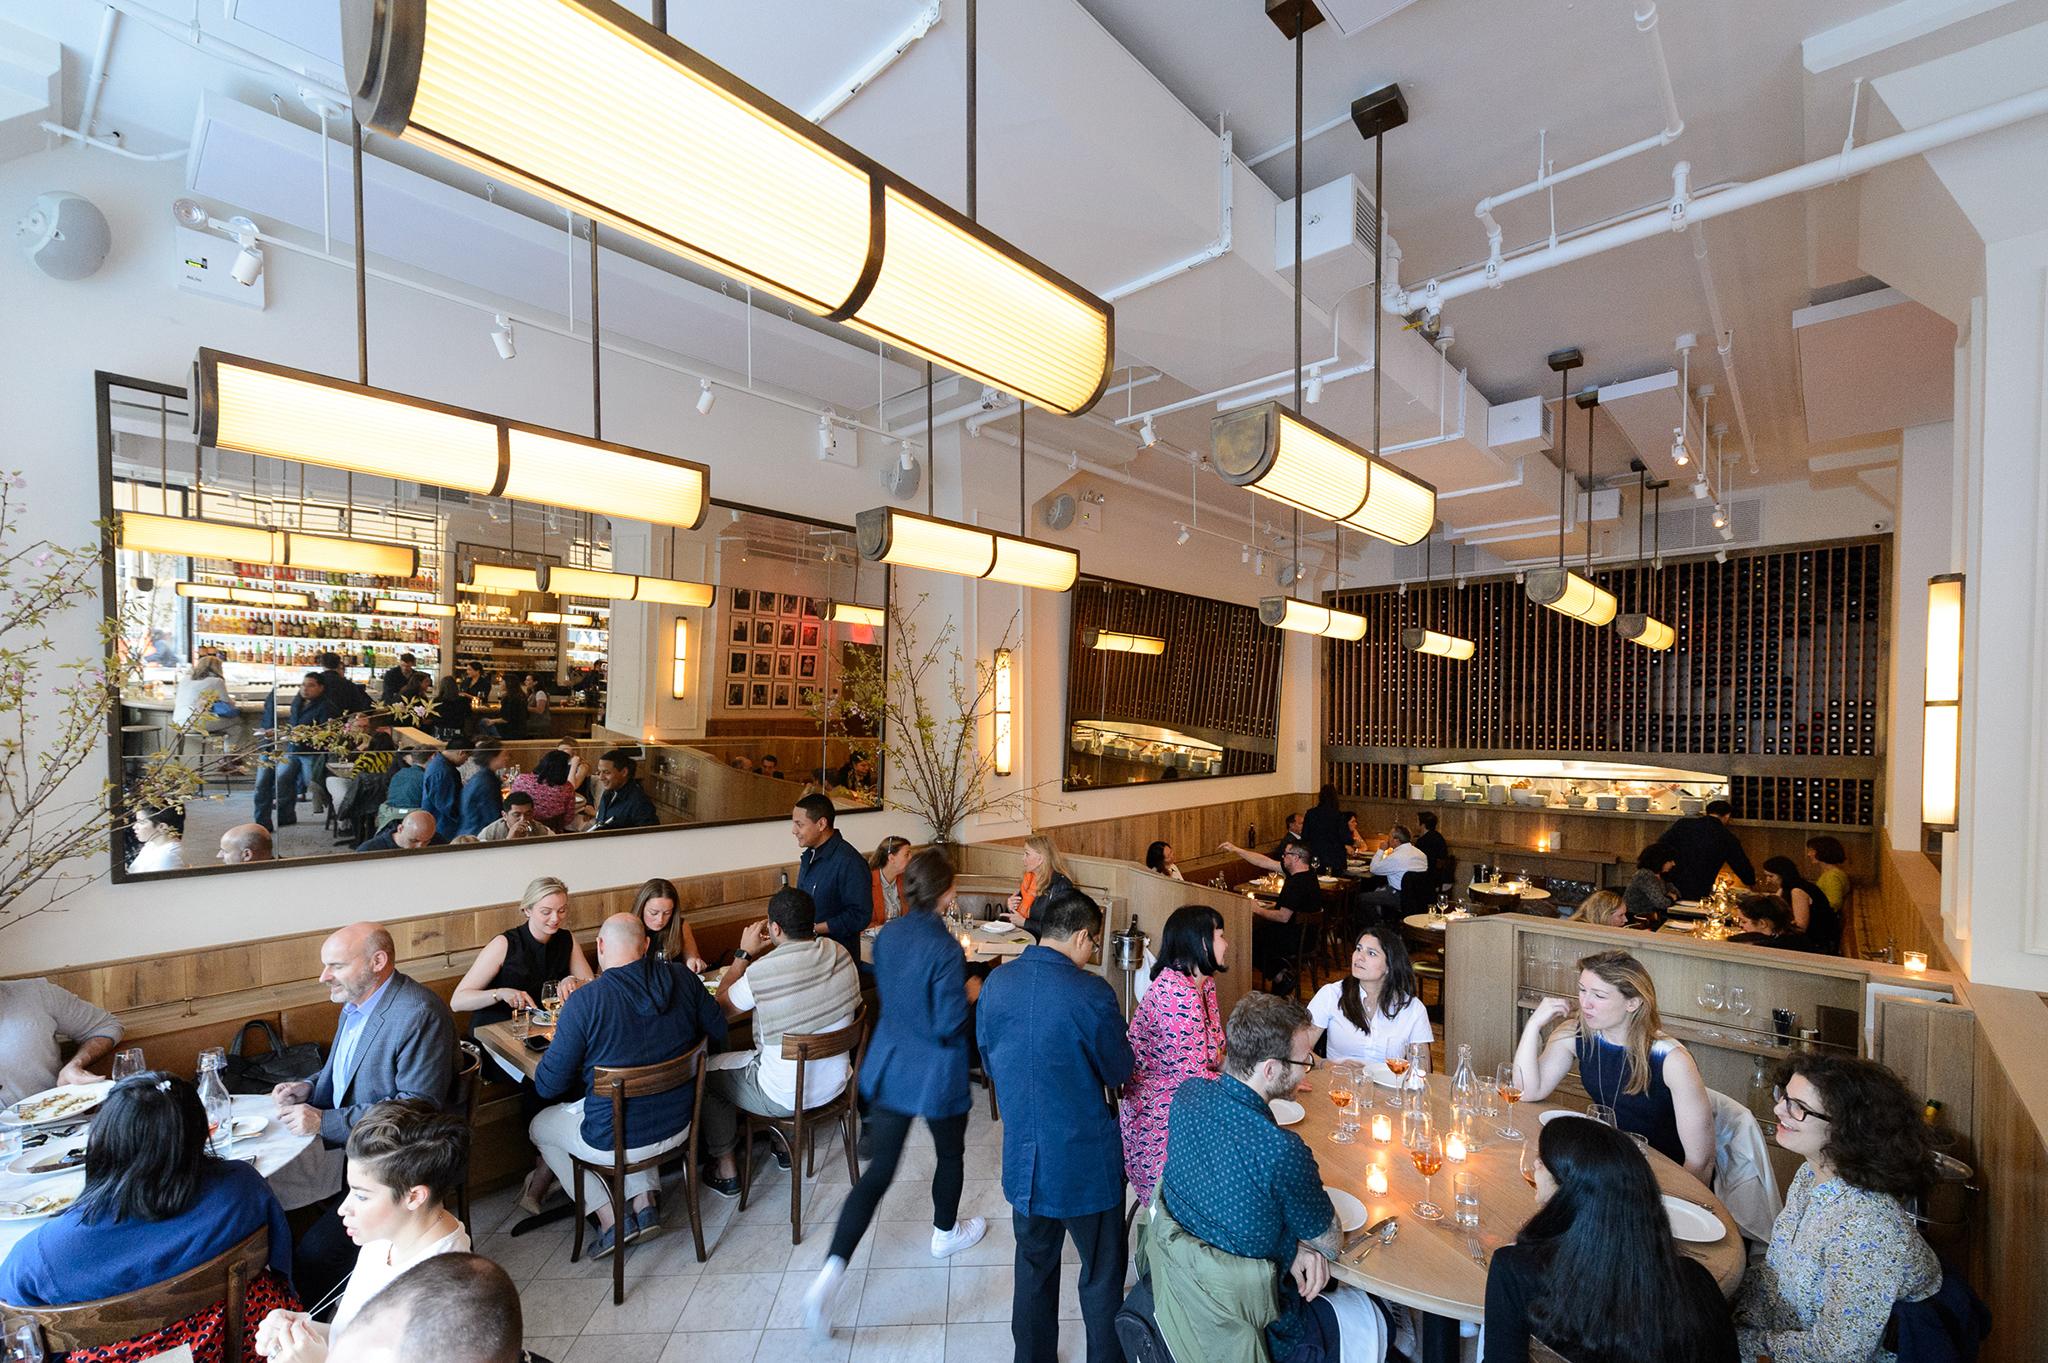 Café Altro Paradiso